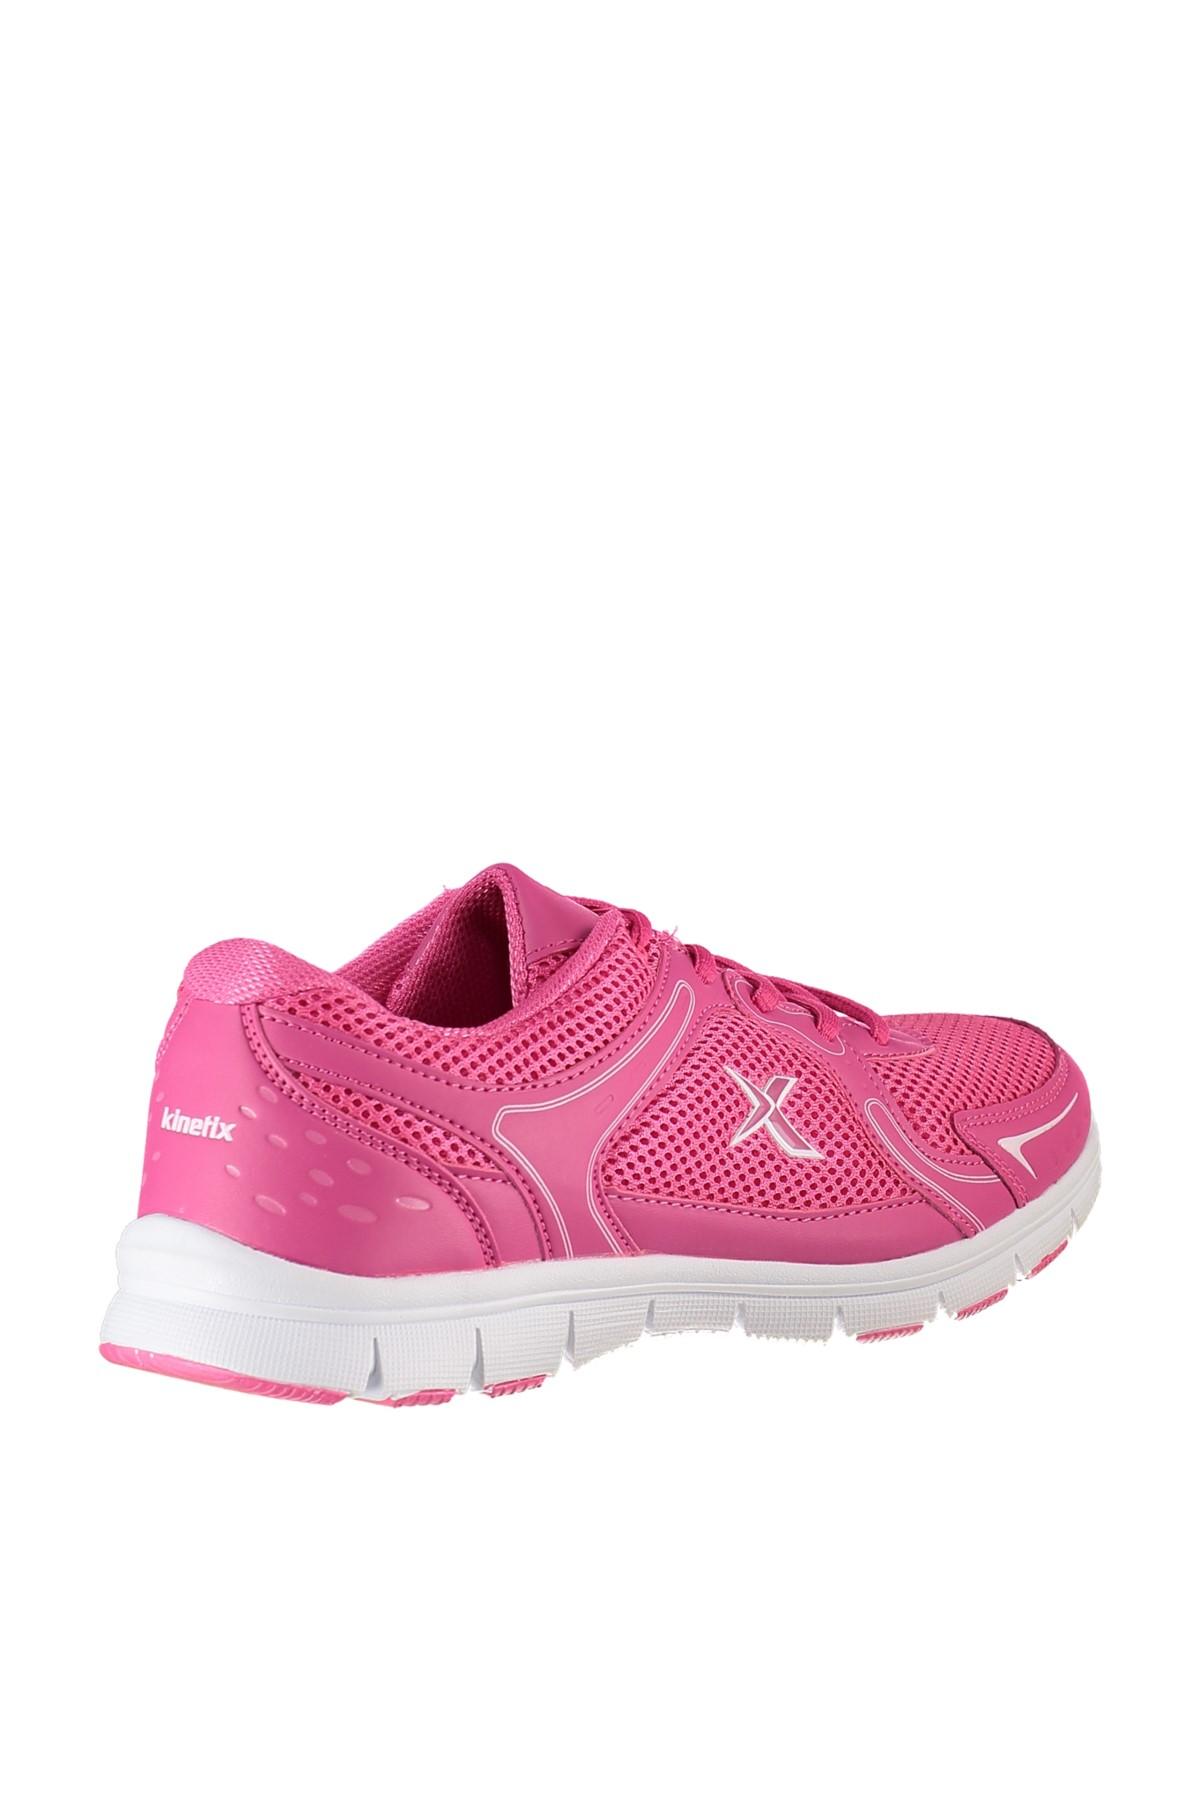 Kinetix 1235577 Fuşya Beyaz Kadın Koşu Ayakkabısı 100163188 2